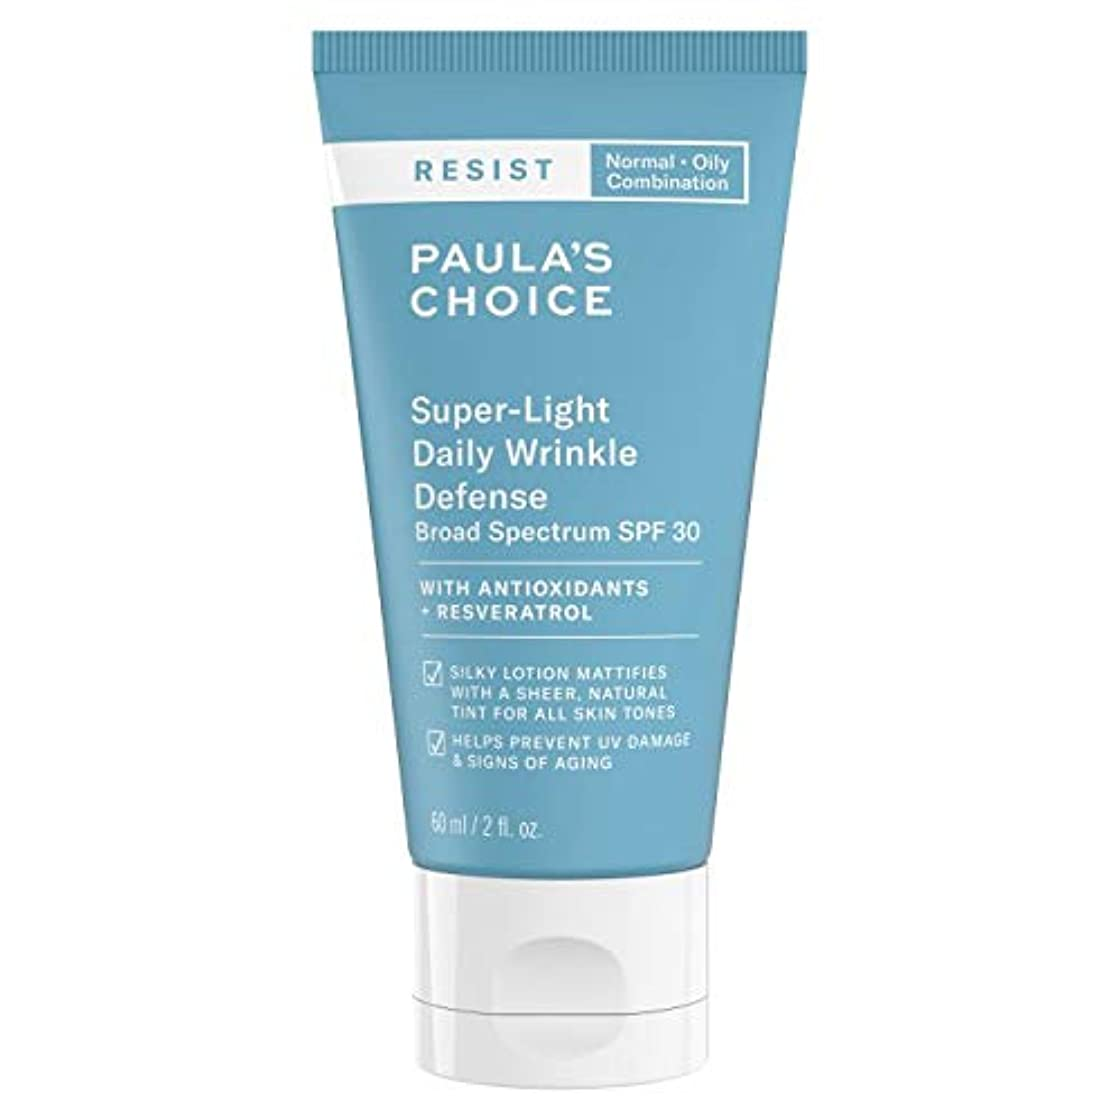 カレッジアクティビティ飽和するポーラチョイス レジスト スーパーライト 毎日のしわの防衛 サンスクリーン (60ml) SPF30 / Paula's Choice Resist Super-Light Daily Wrinkle Defense Sunscreen